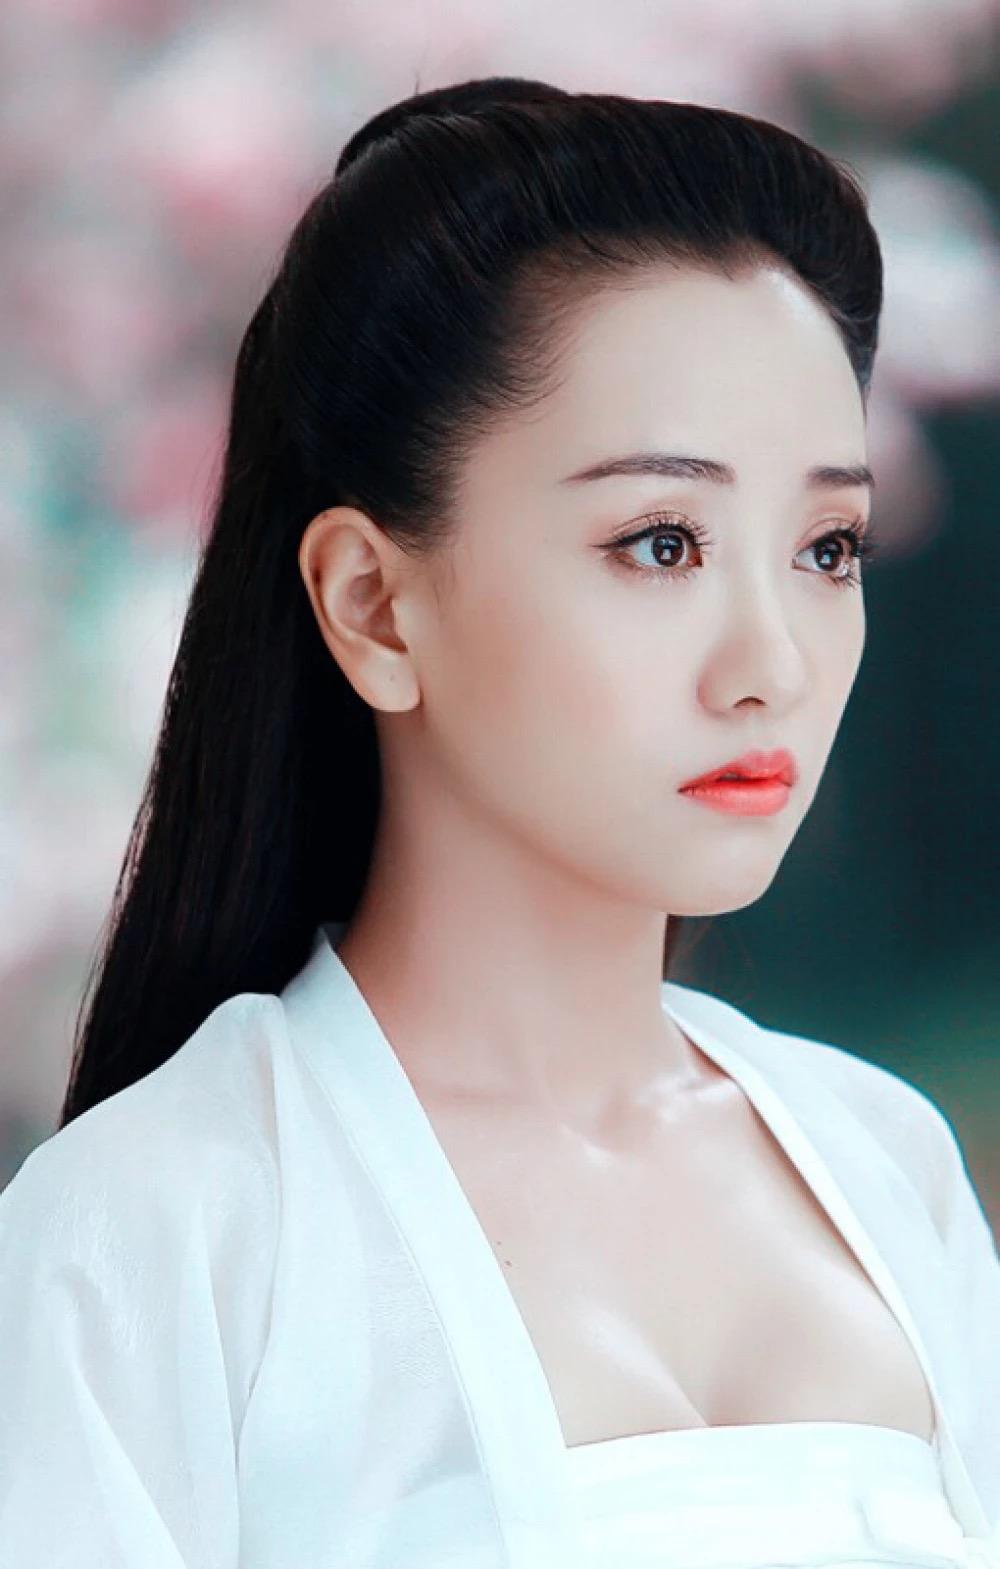 如果当初是朱一龙和杨蓉出演《凤囚凰》,完全会成为一个经典